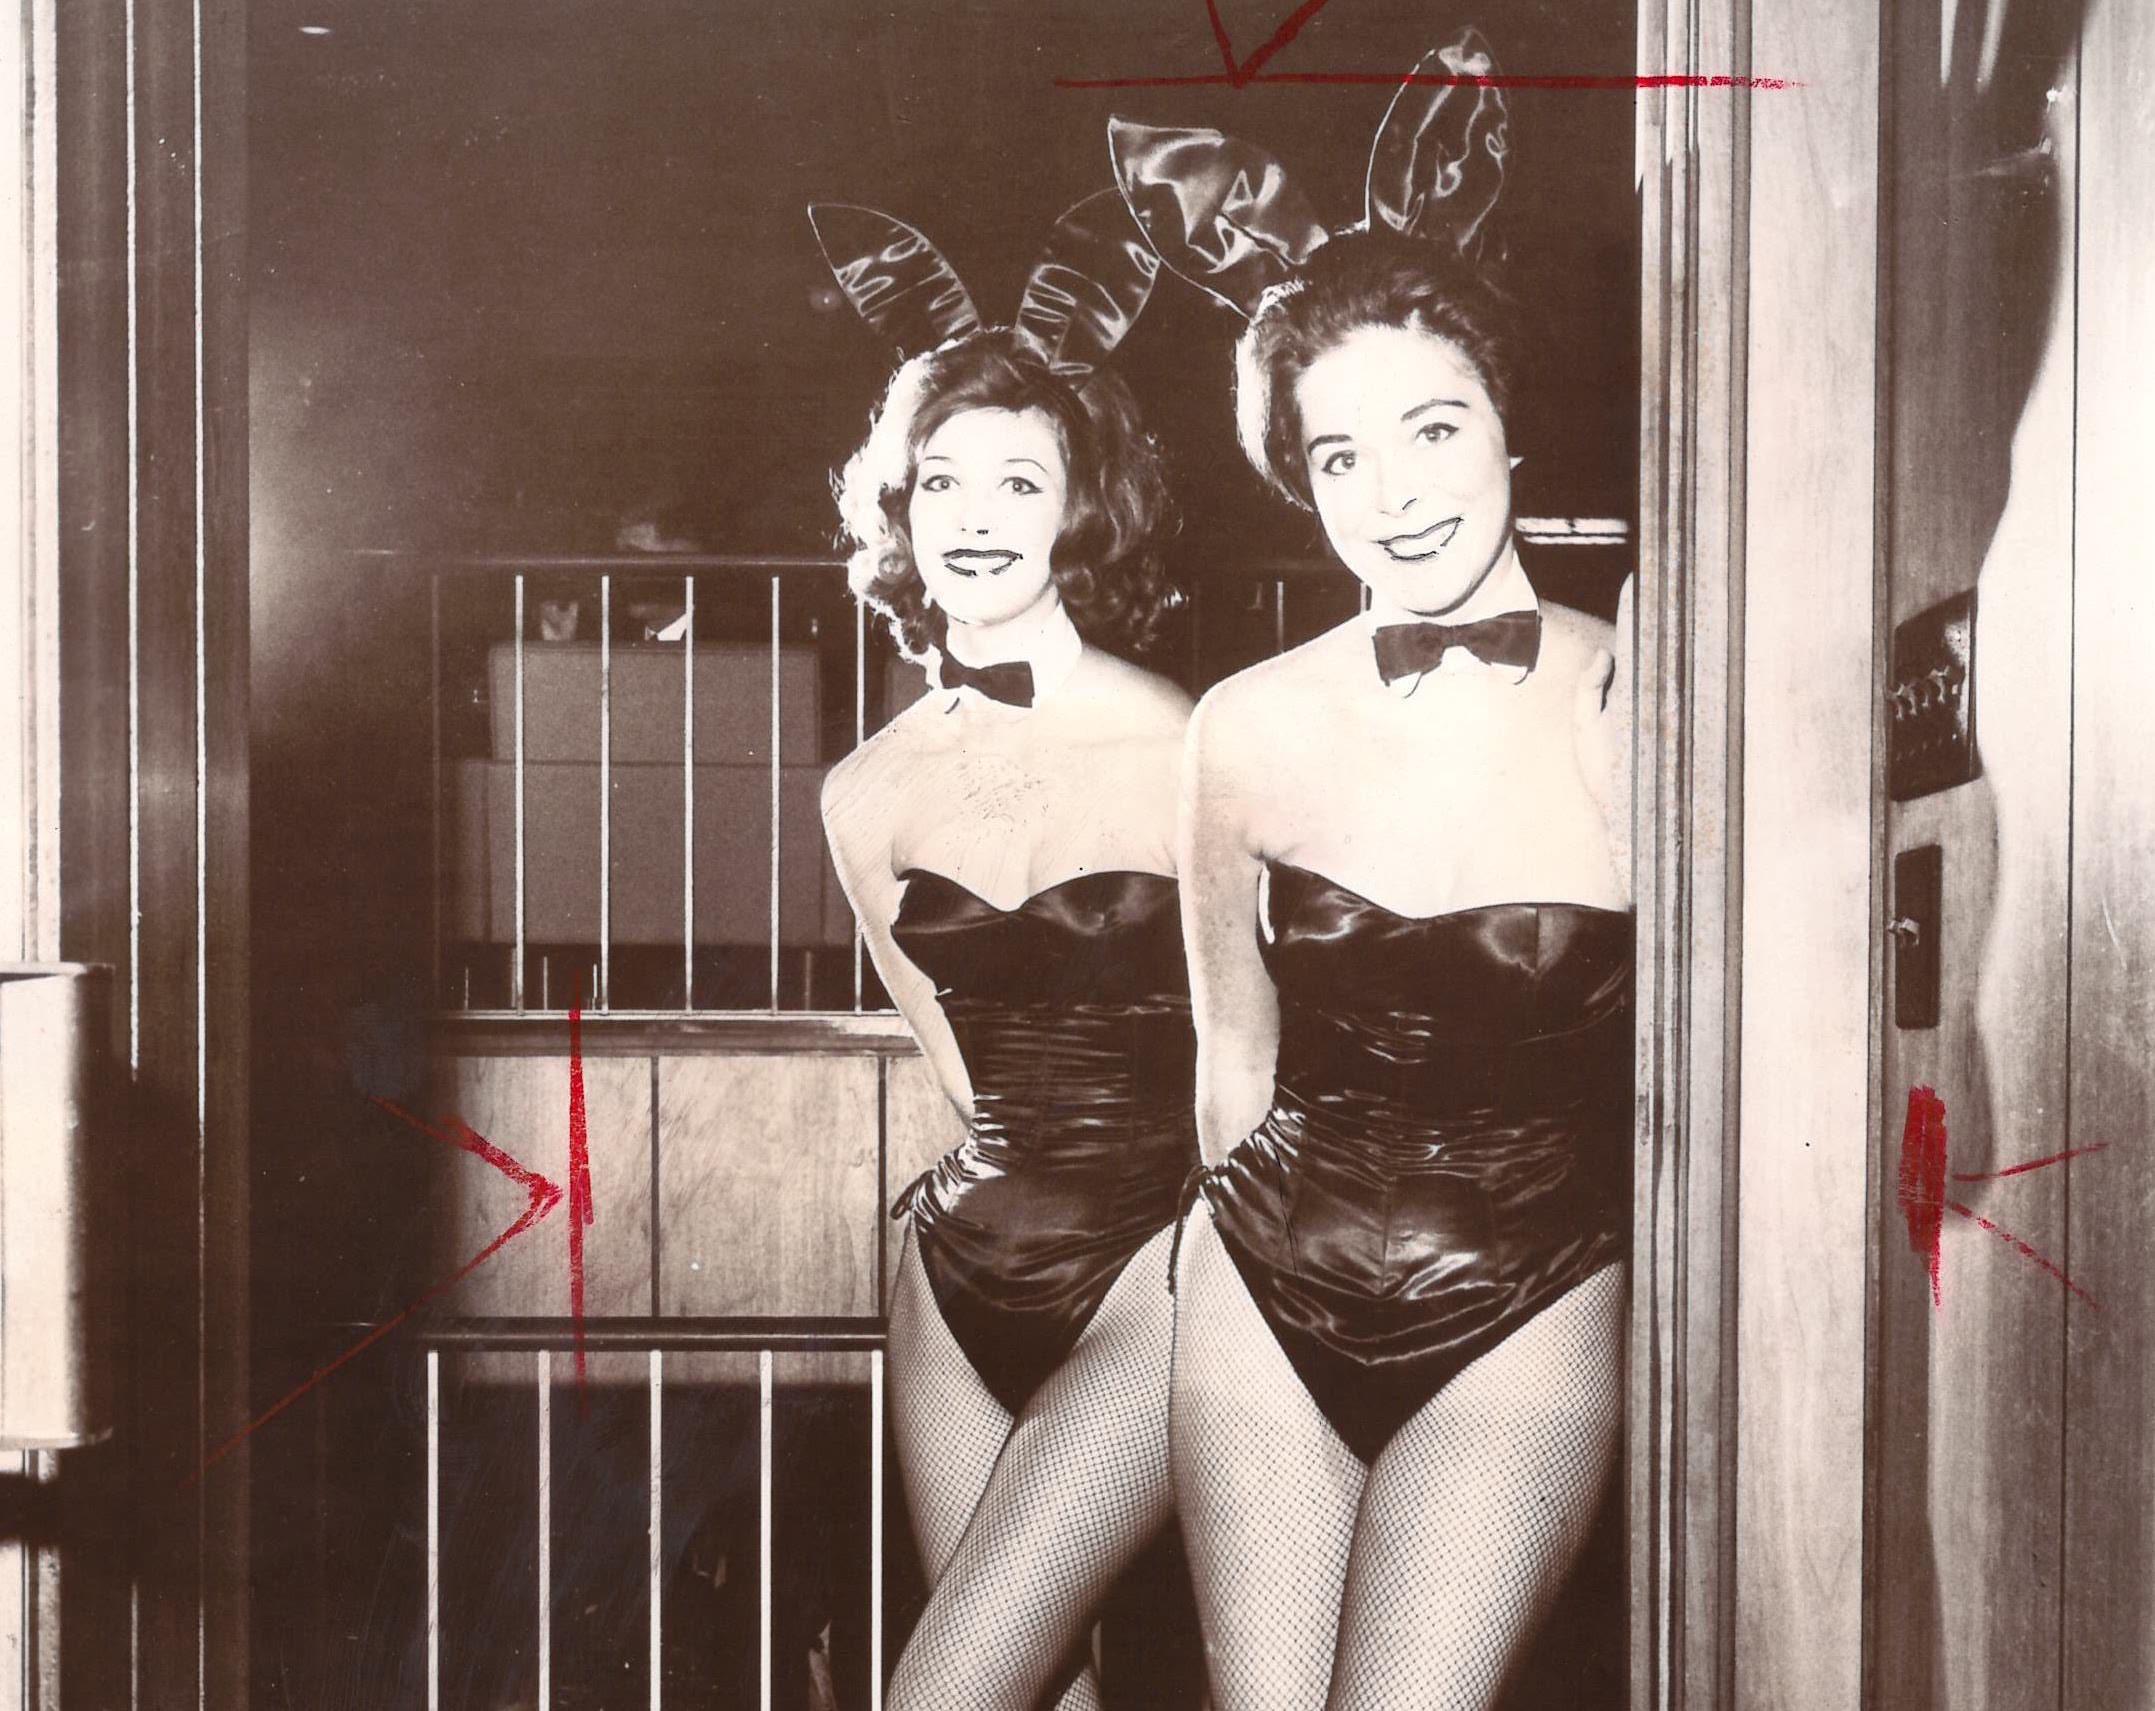 Bunny Ears 100 Vintage Playboy Photos Cigar Monkeys